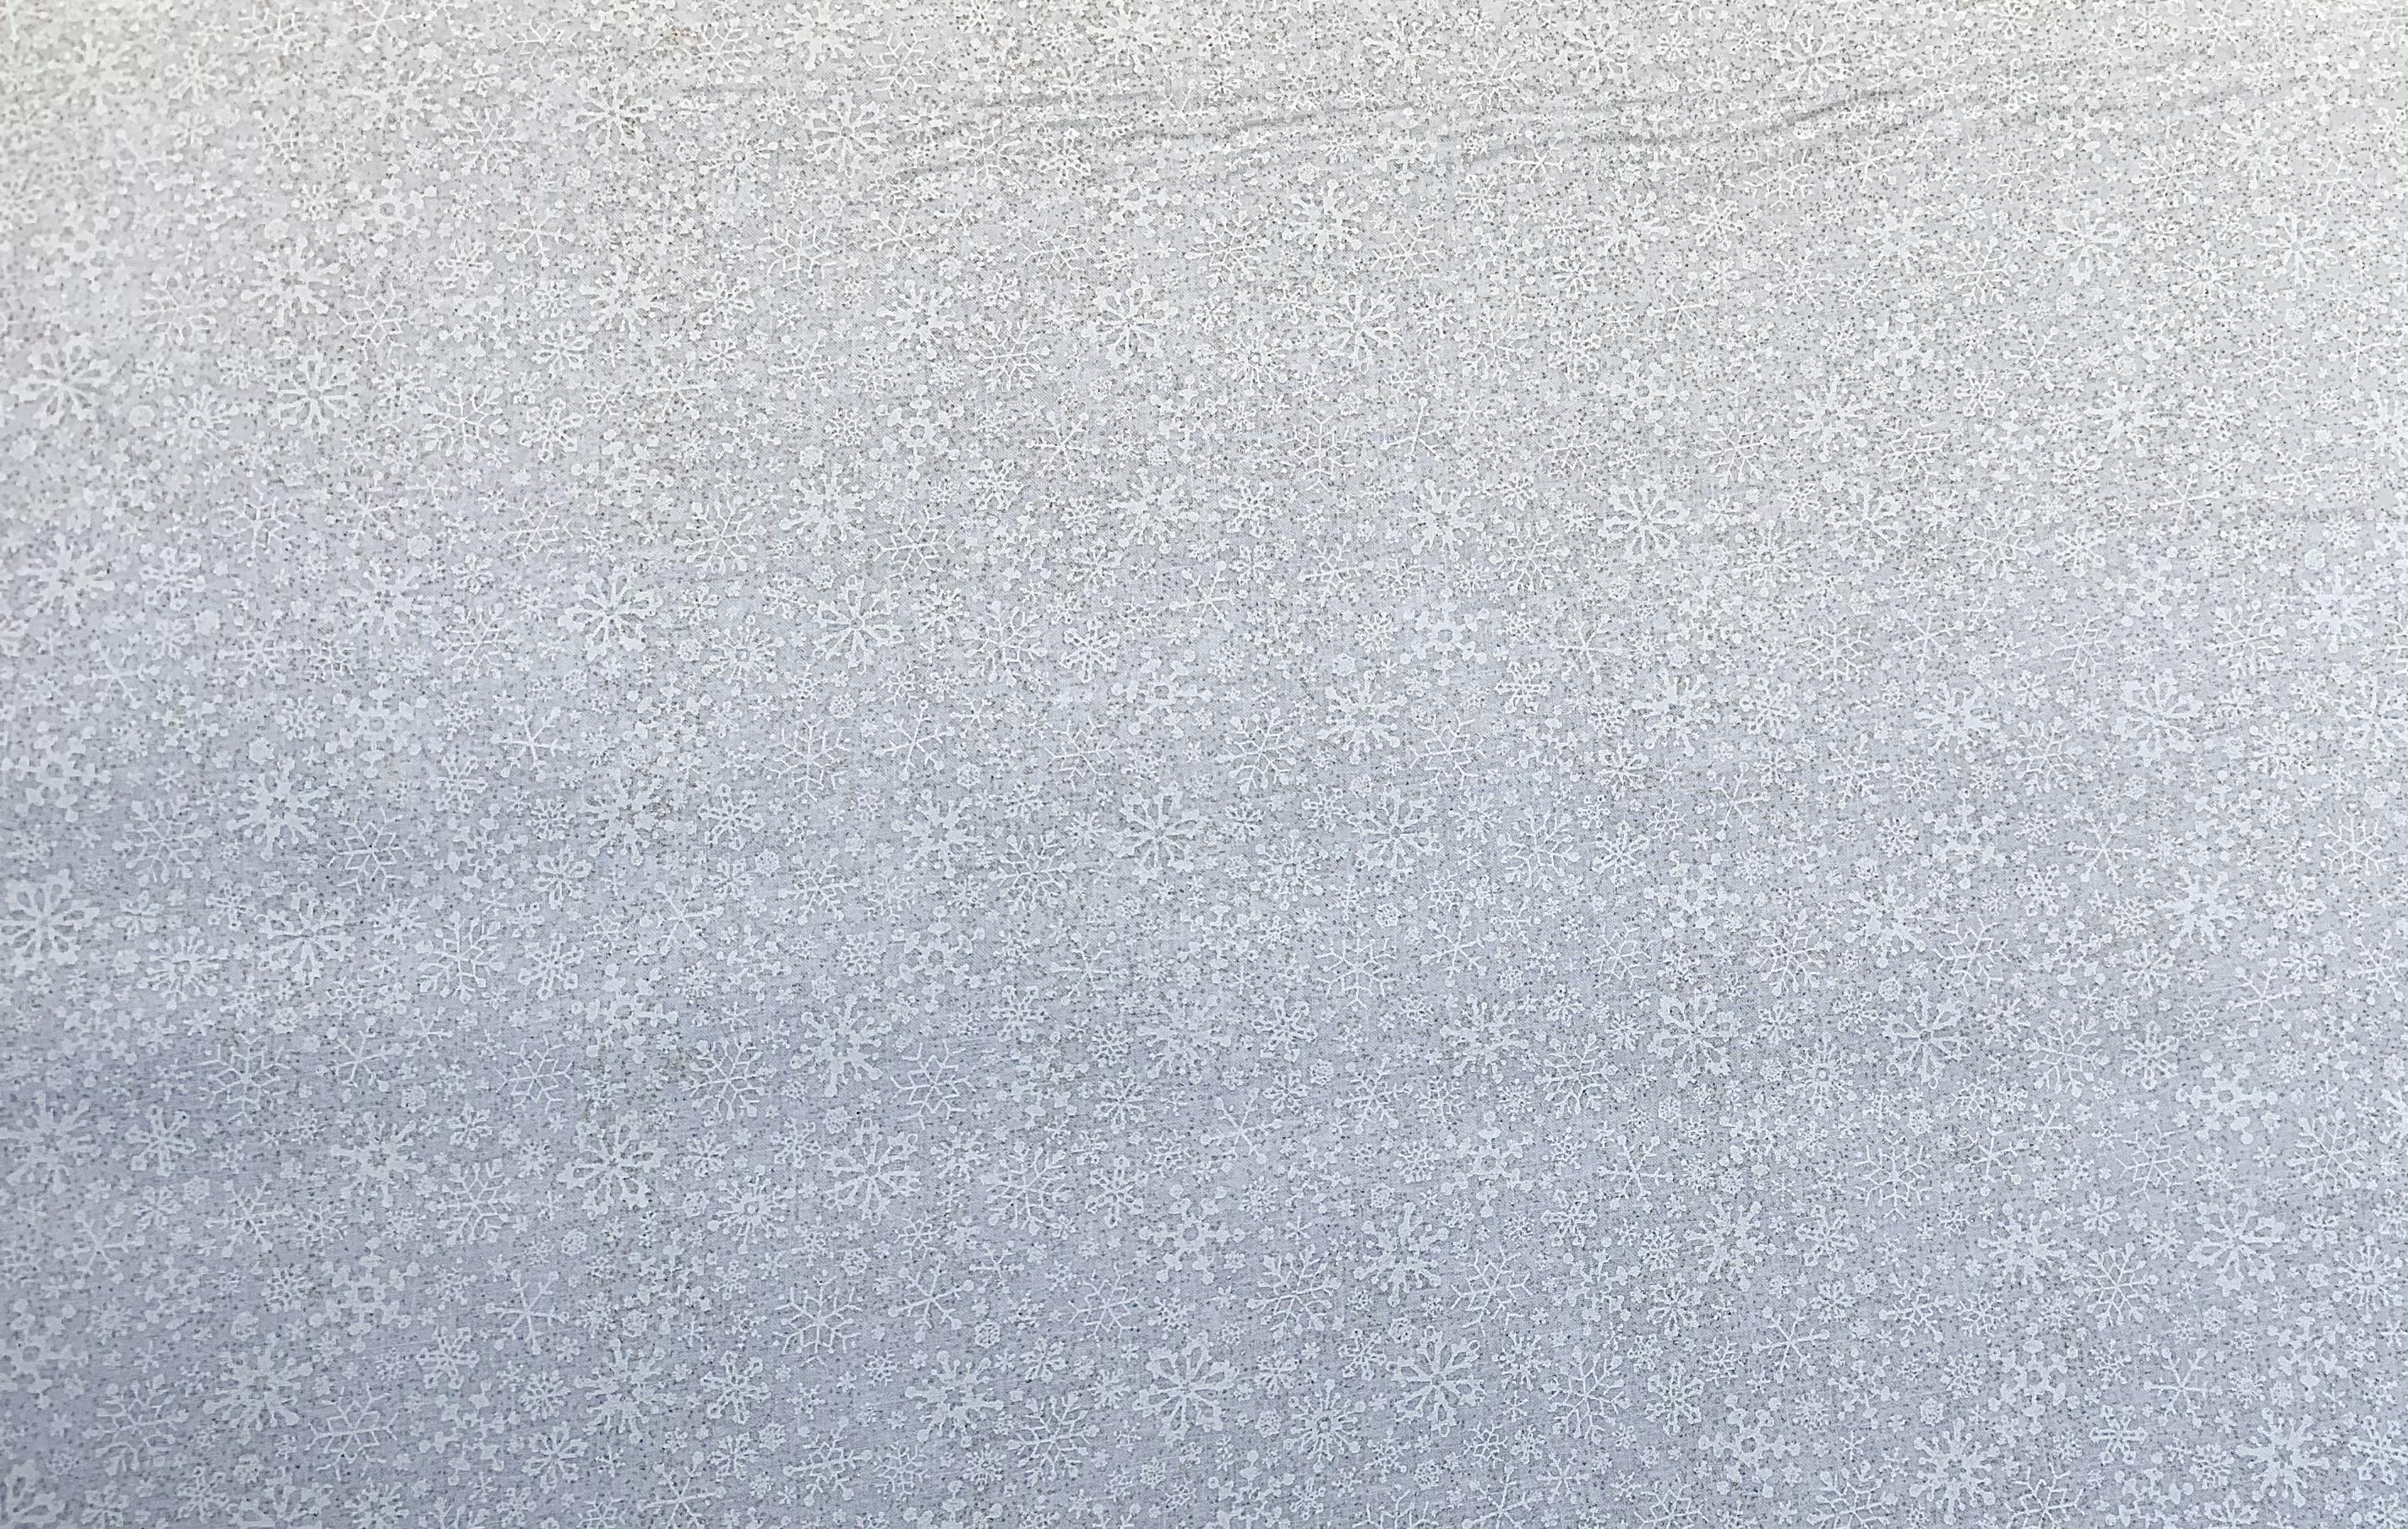 White Tone on Tone - Snowflakes with Gold Metallic - 1/2m cut 57722